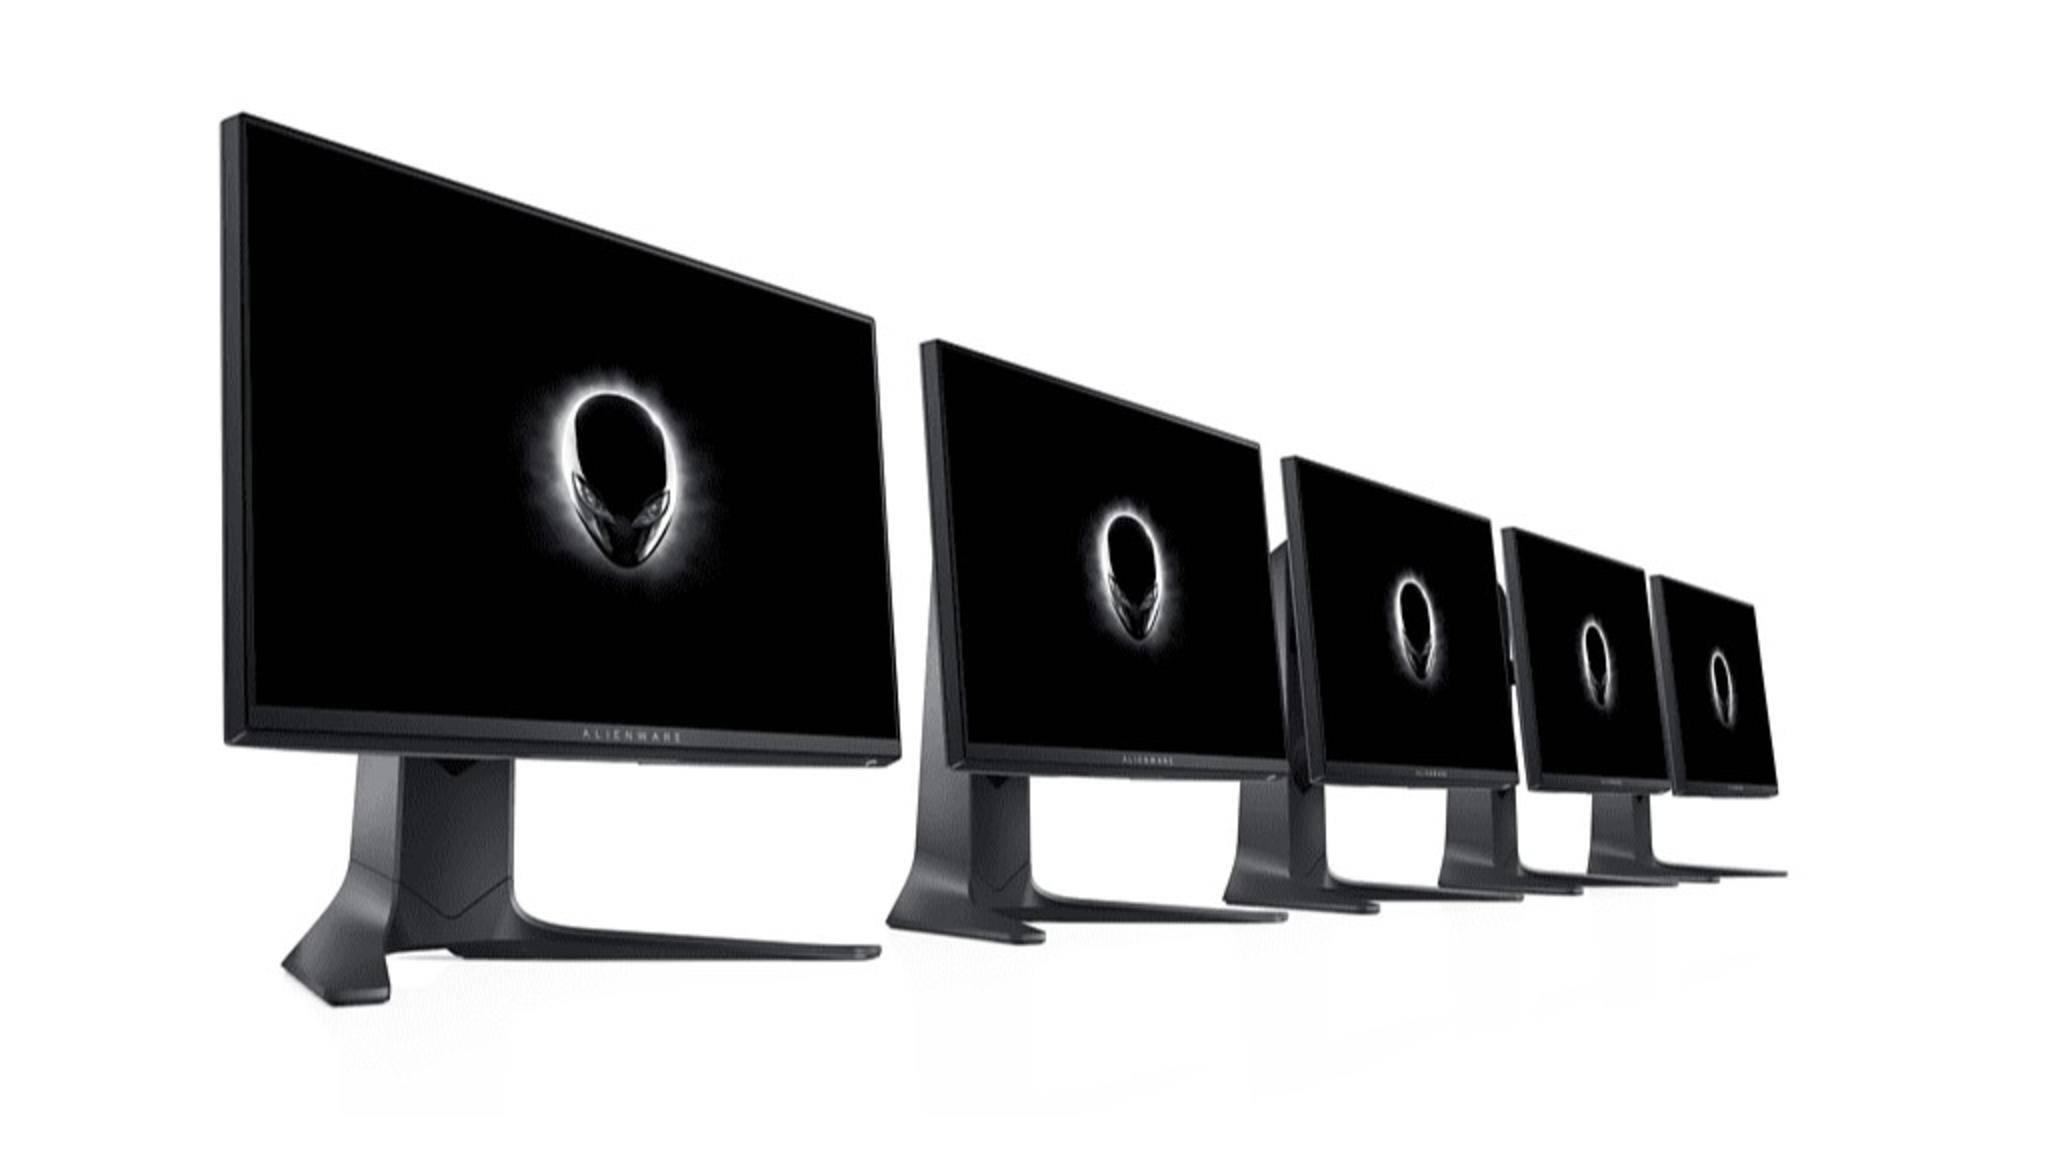 Dell-Alienware-Monitore